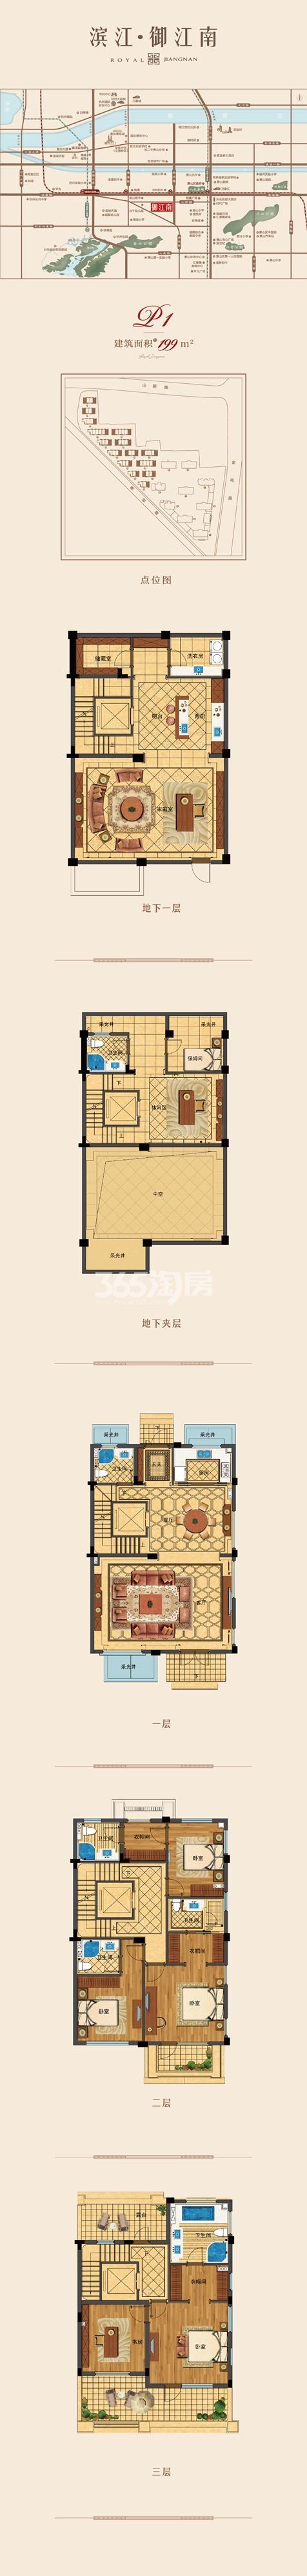 滨江御江南户型图